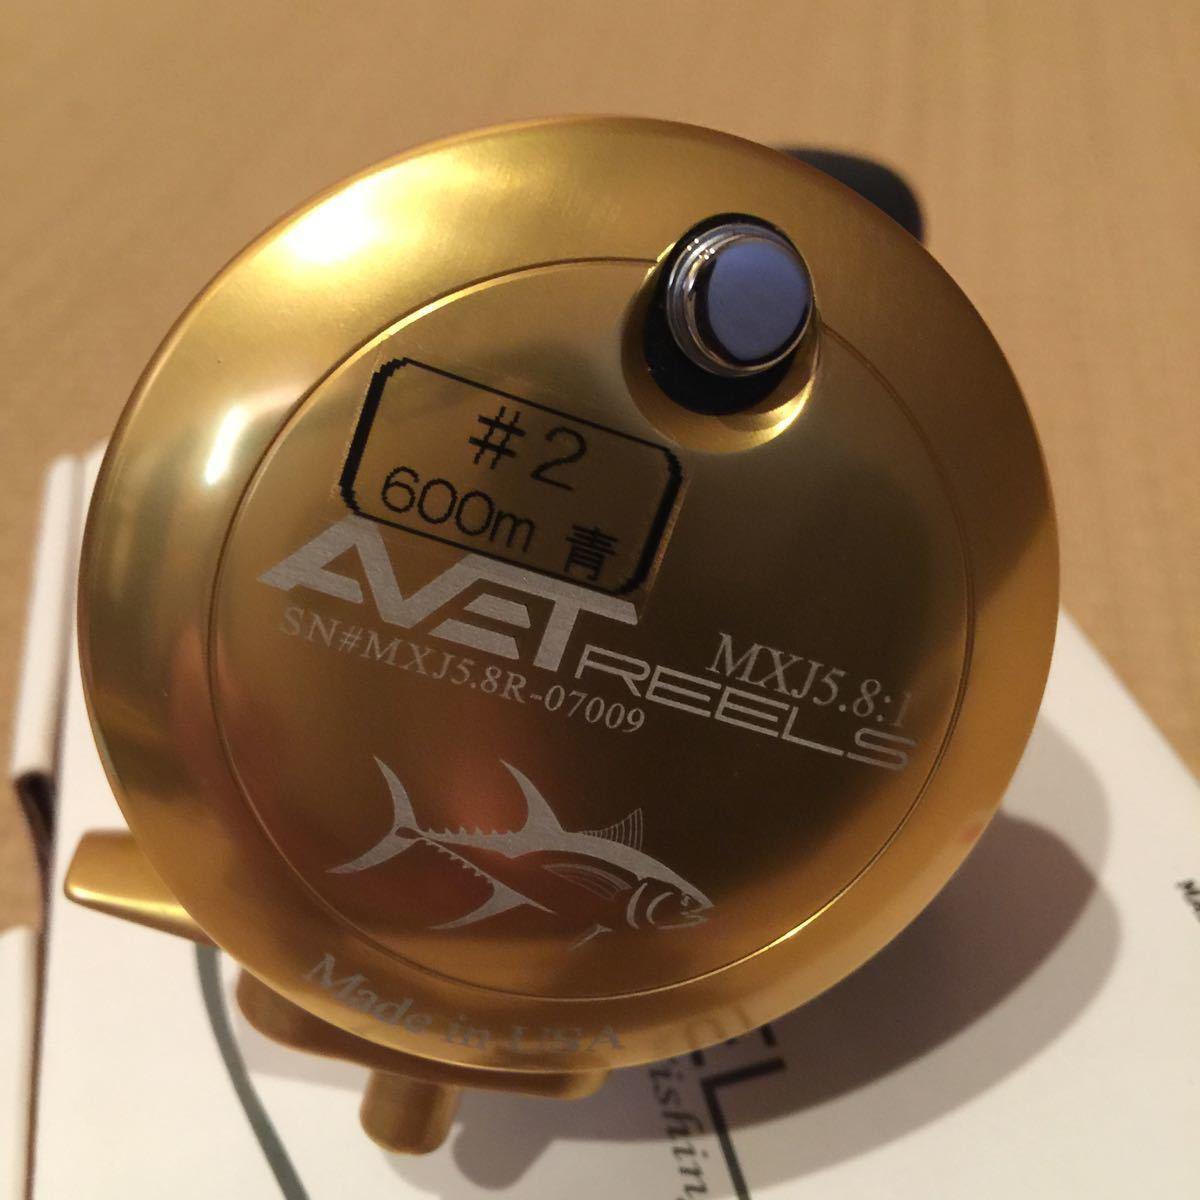 AVET MXJ5.8ゴールド アベット ジギングリール_画像4